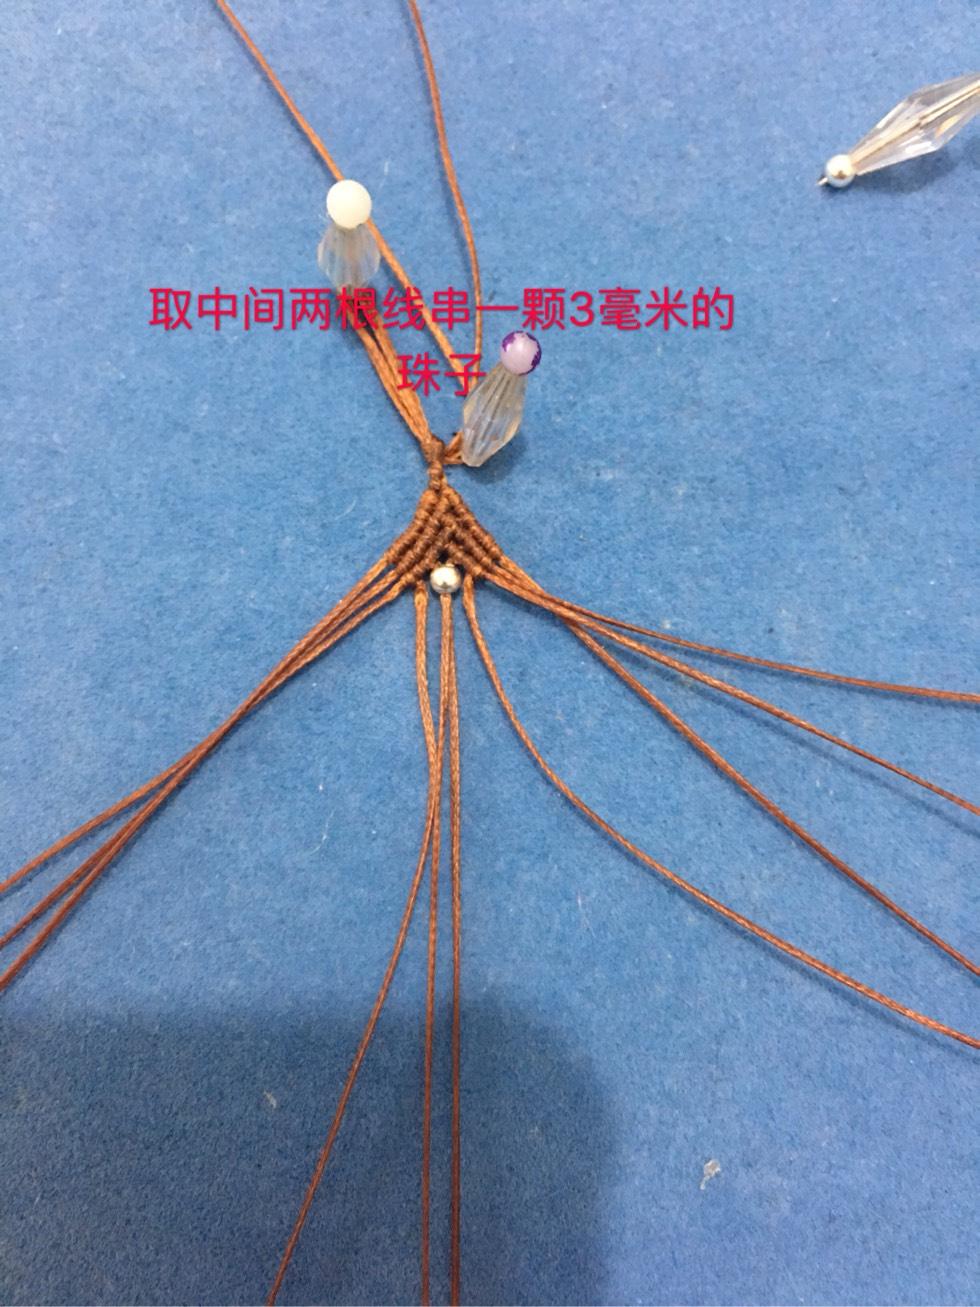 中国结论坛 流苏耳环  图文教程区 171942t7zb5i746n5hppd8